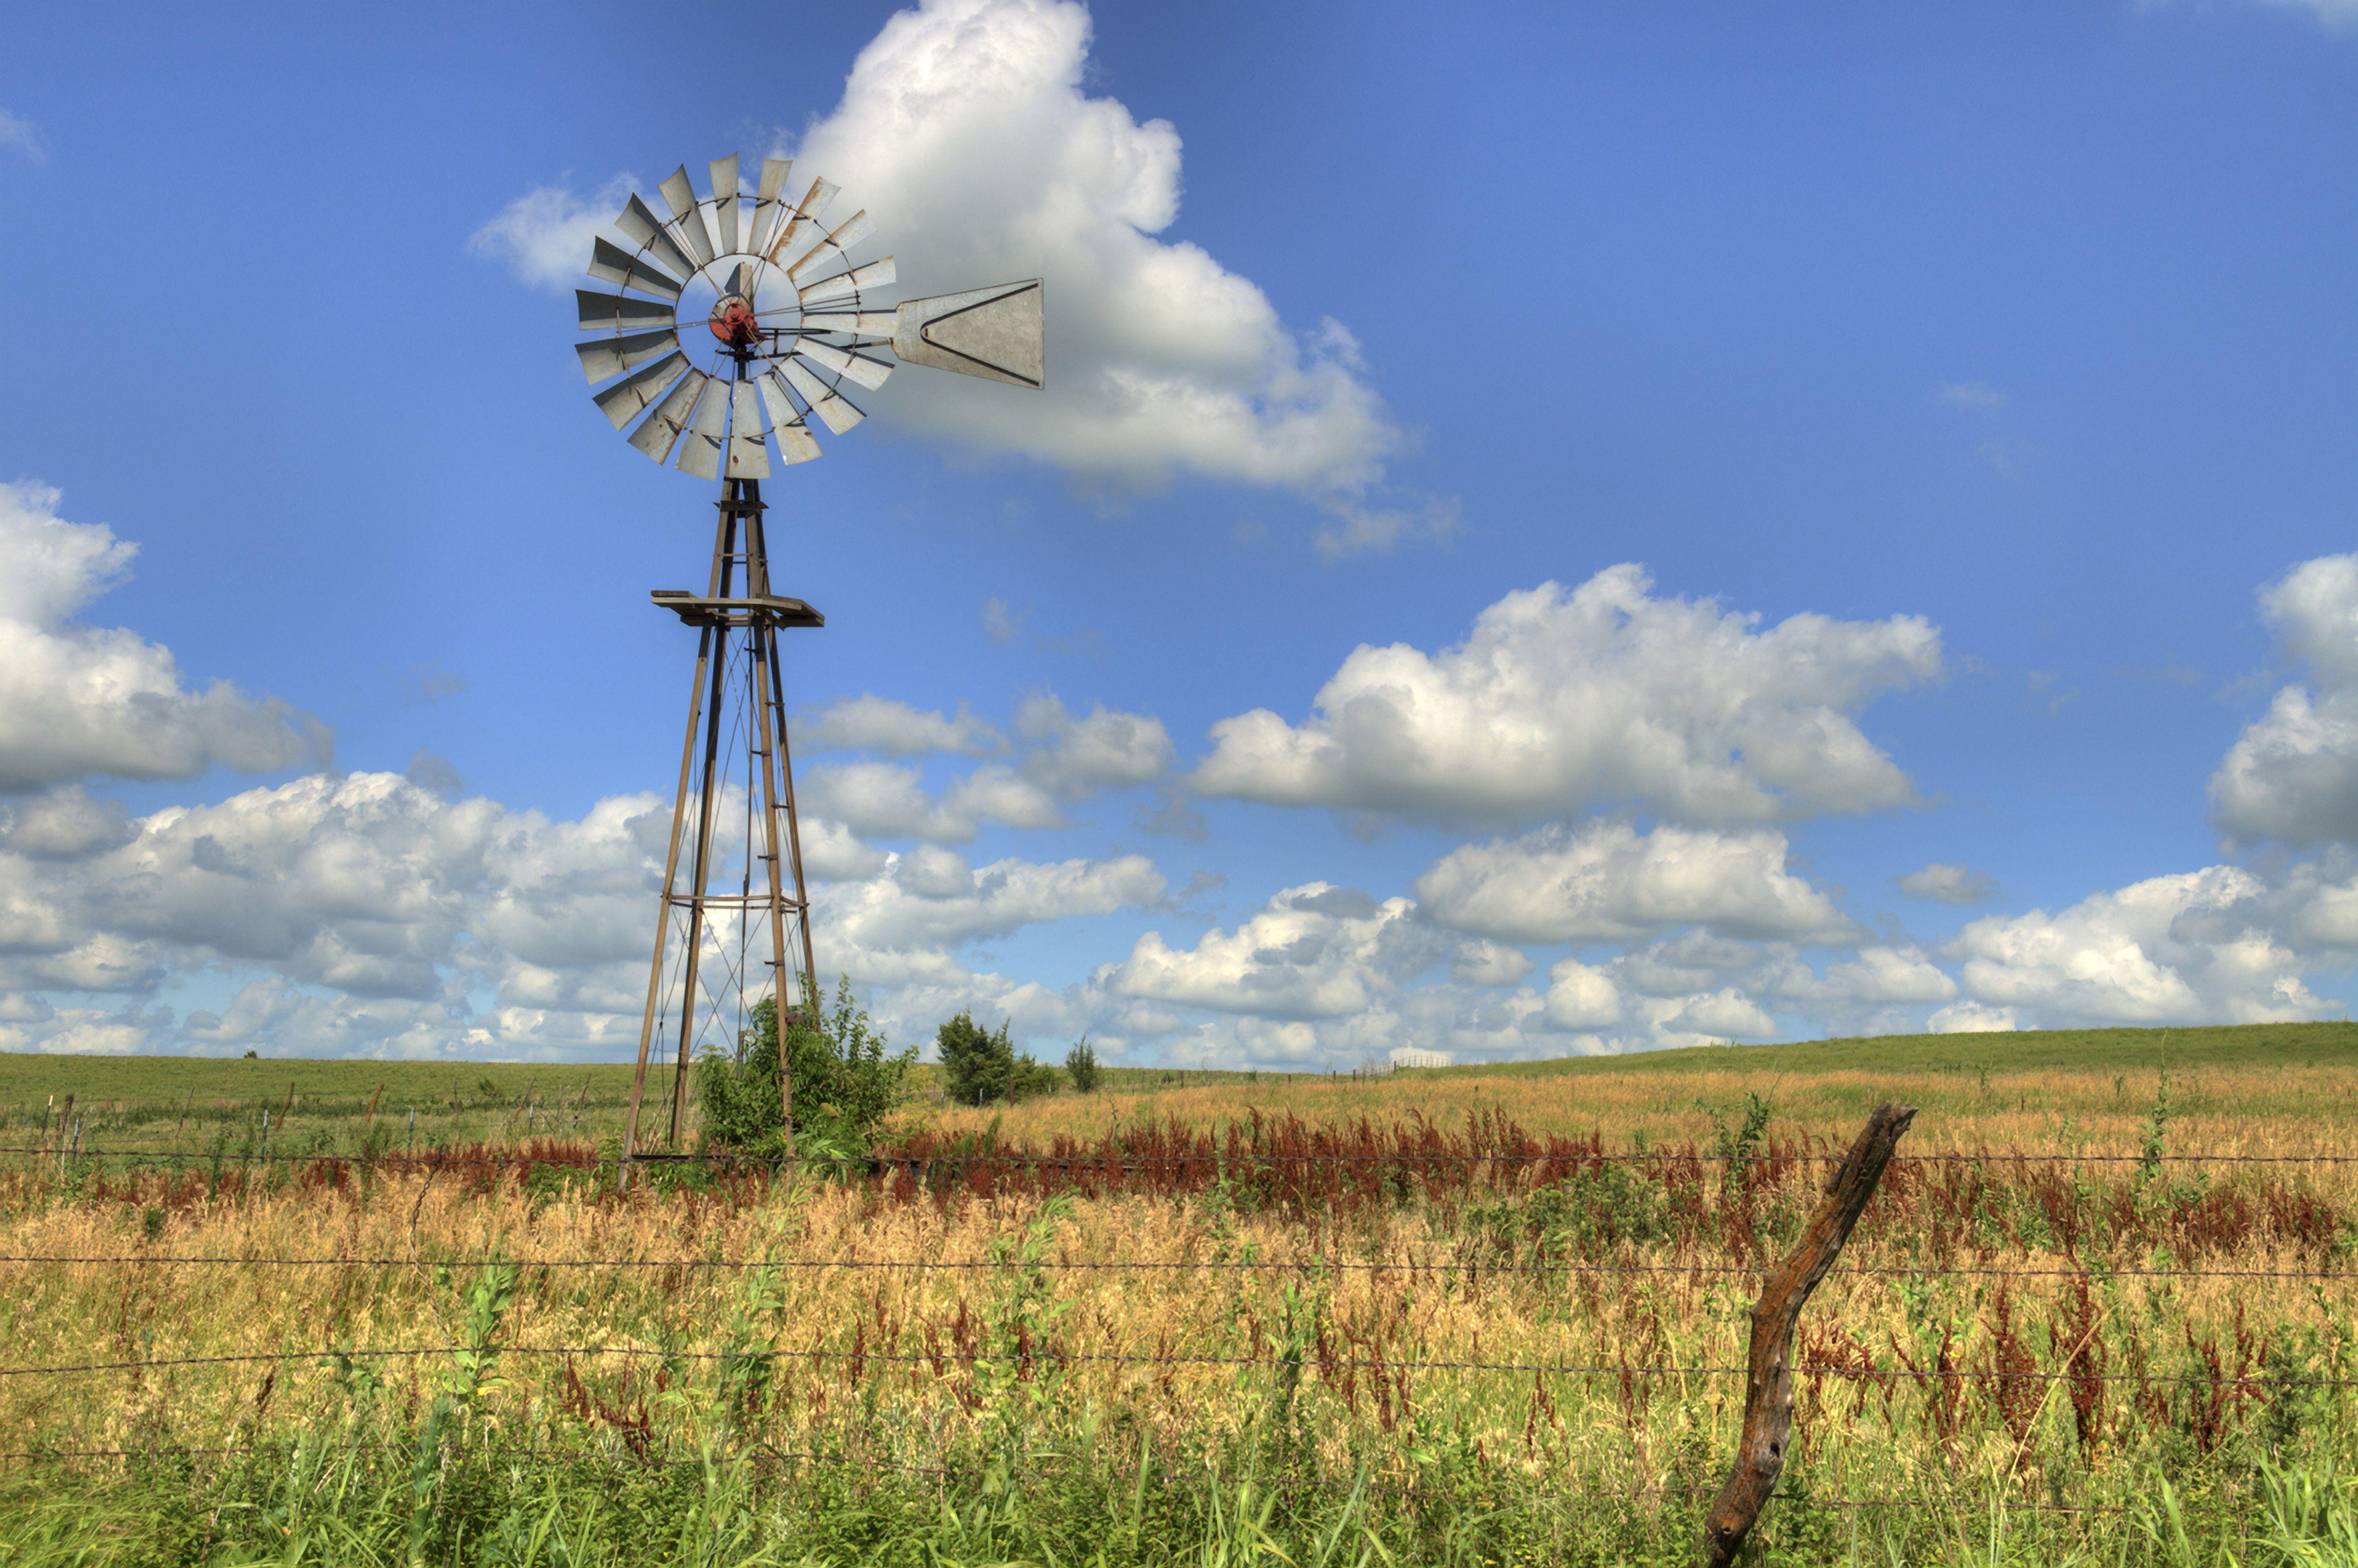 Windmill Landscape, Kansas, USA